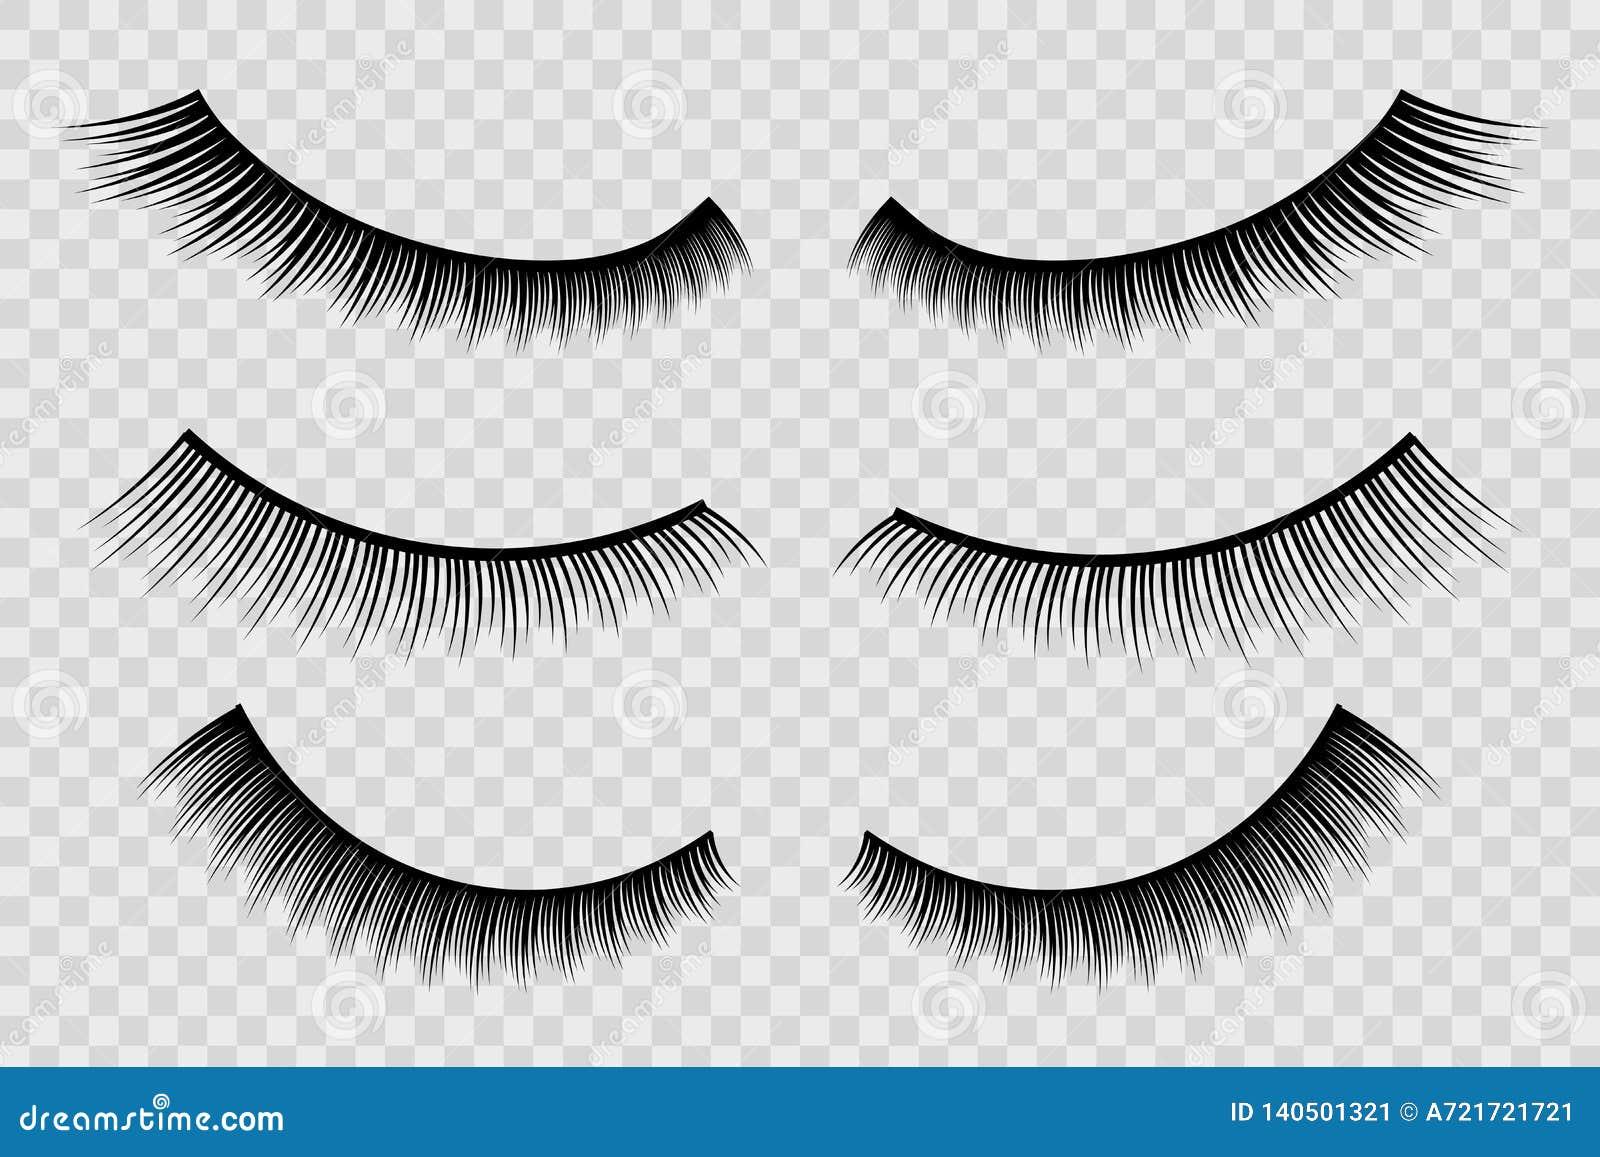 4cce9aa6381 Creative vector illustration of false eyelashes, female lashes, mascara lash  brush isolated on transparent background. Art design thick cilia beautiful  ...